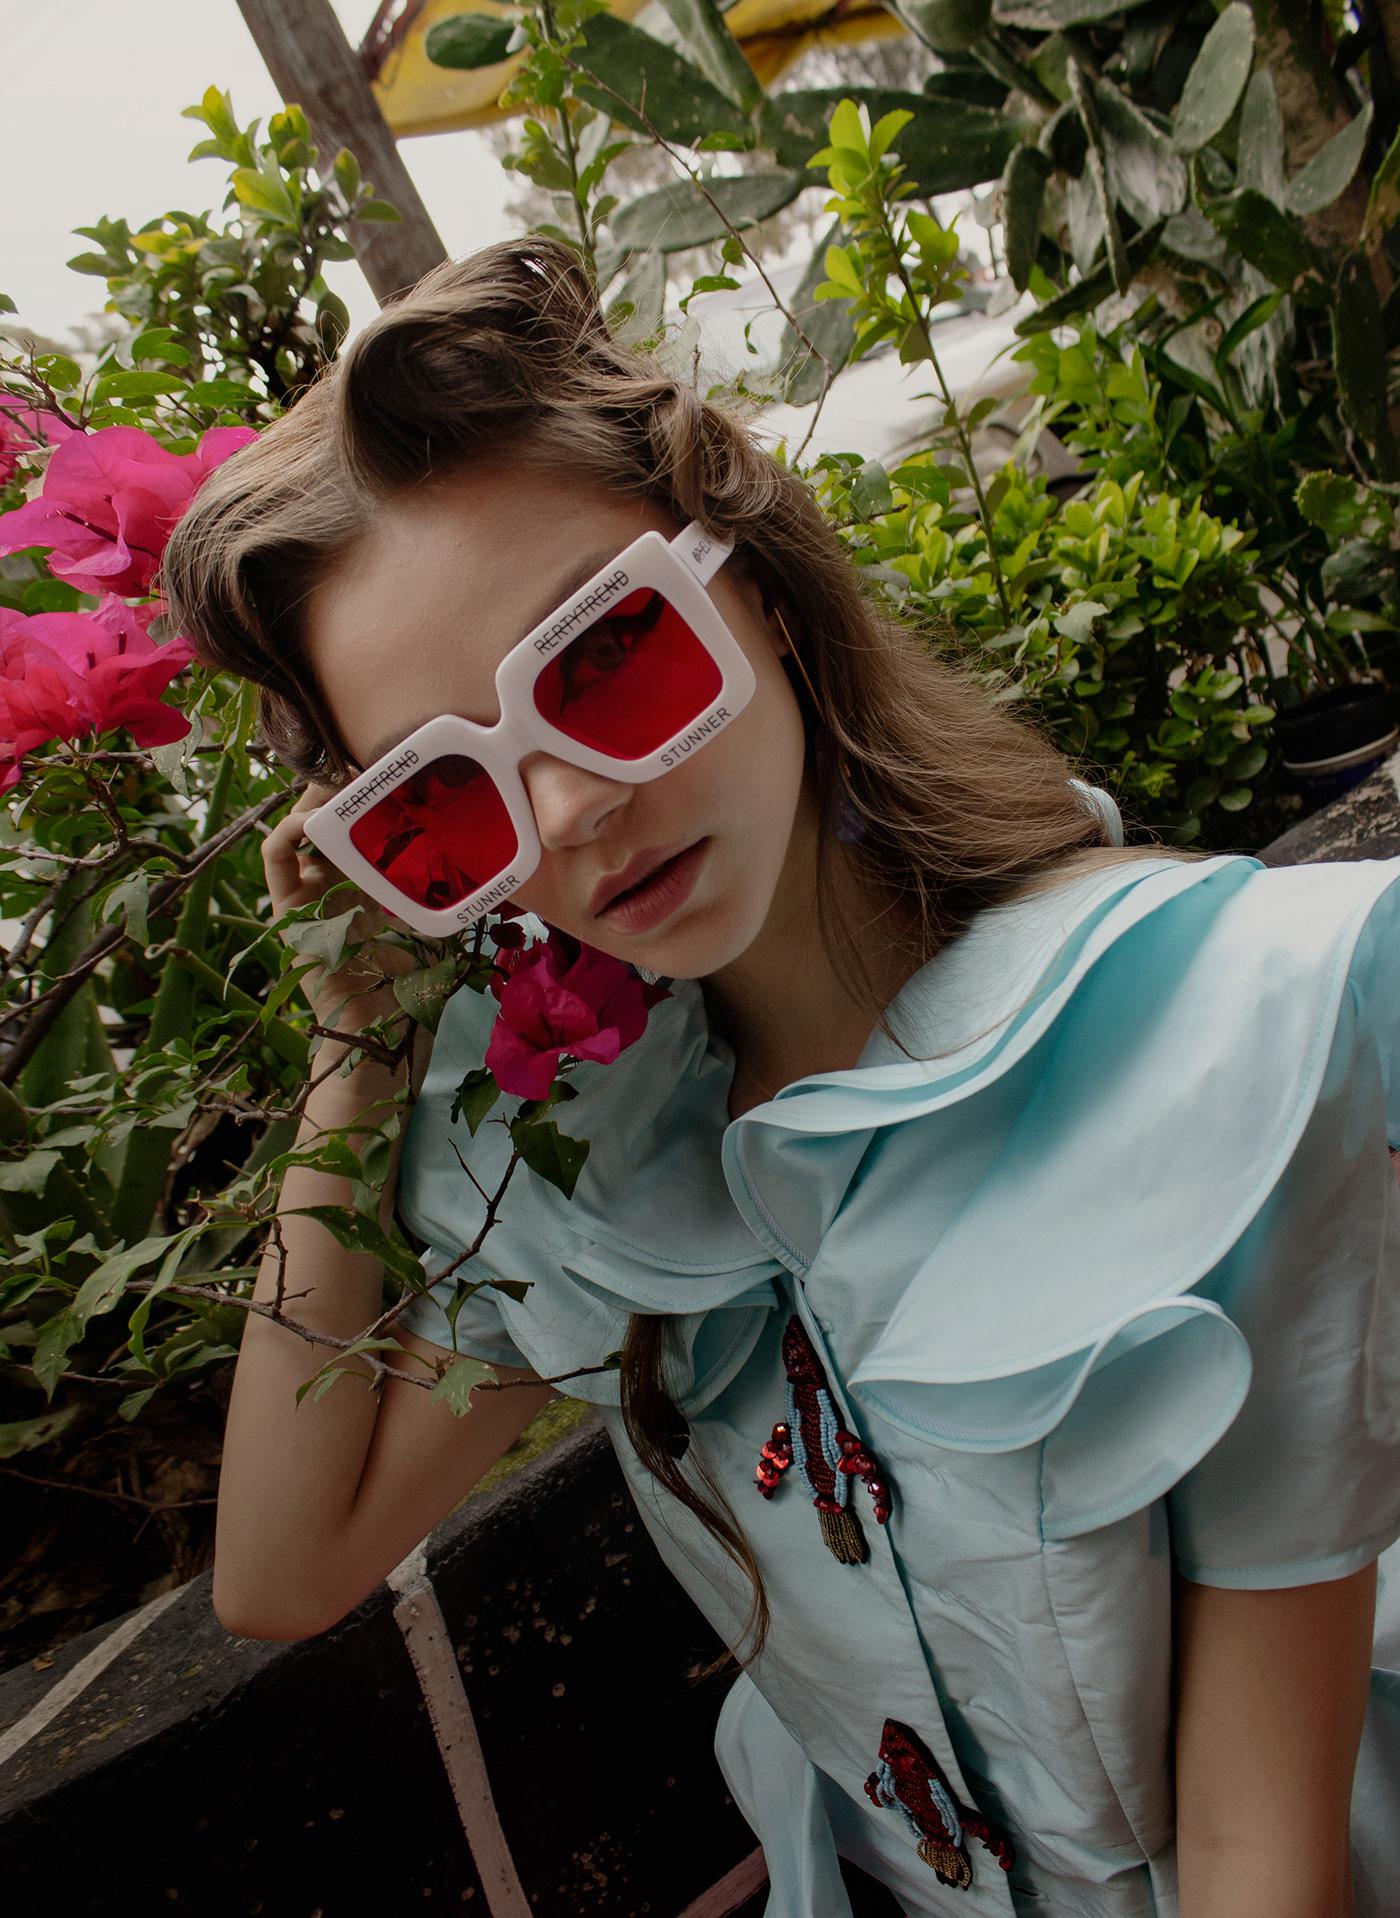 alice in wonderland Ciudad de México editorial portrait fashion editorial fashion magazine fashion photography fashion portrait female photographer mexican photographer mexico city